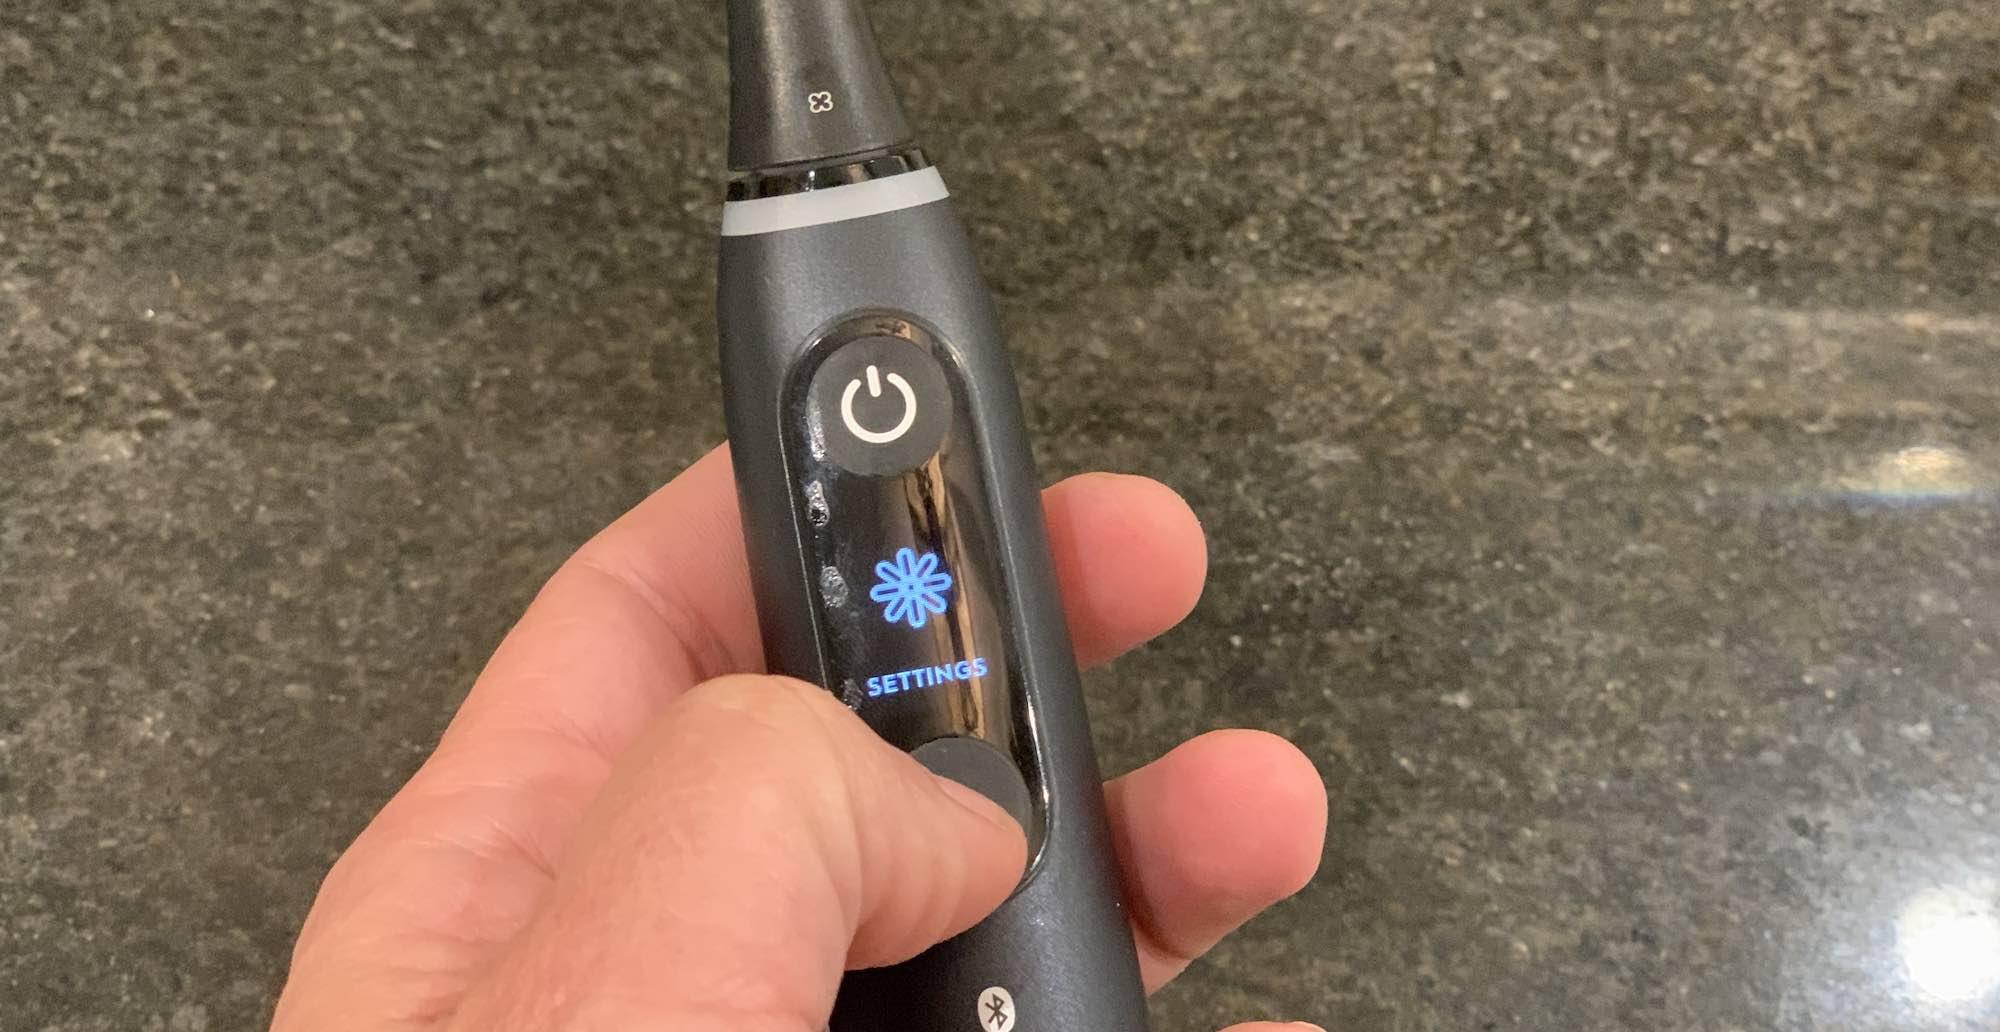 Oral-B iO8 toothbrush settings